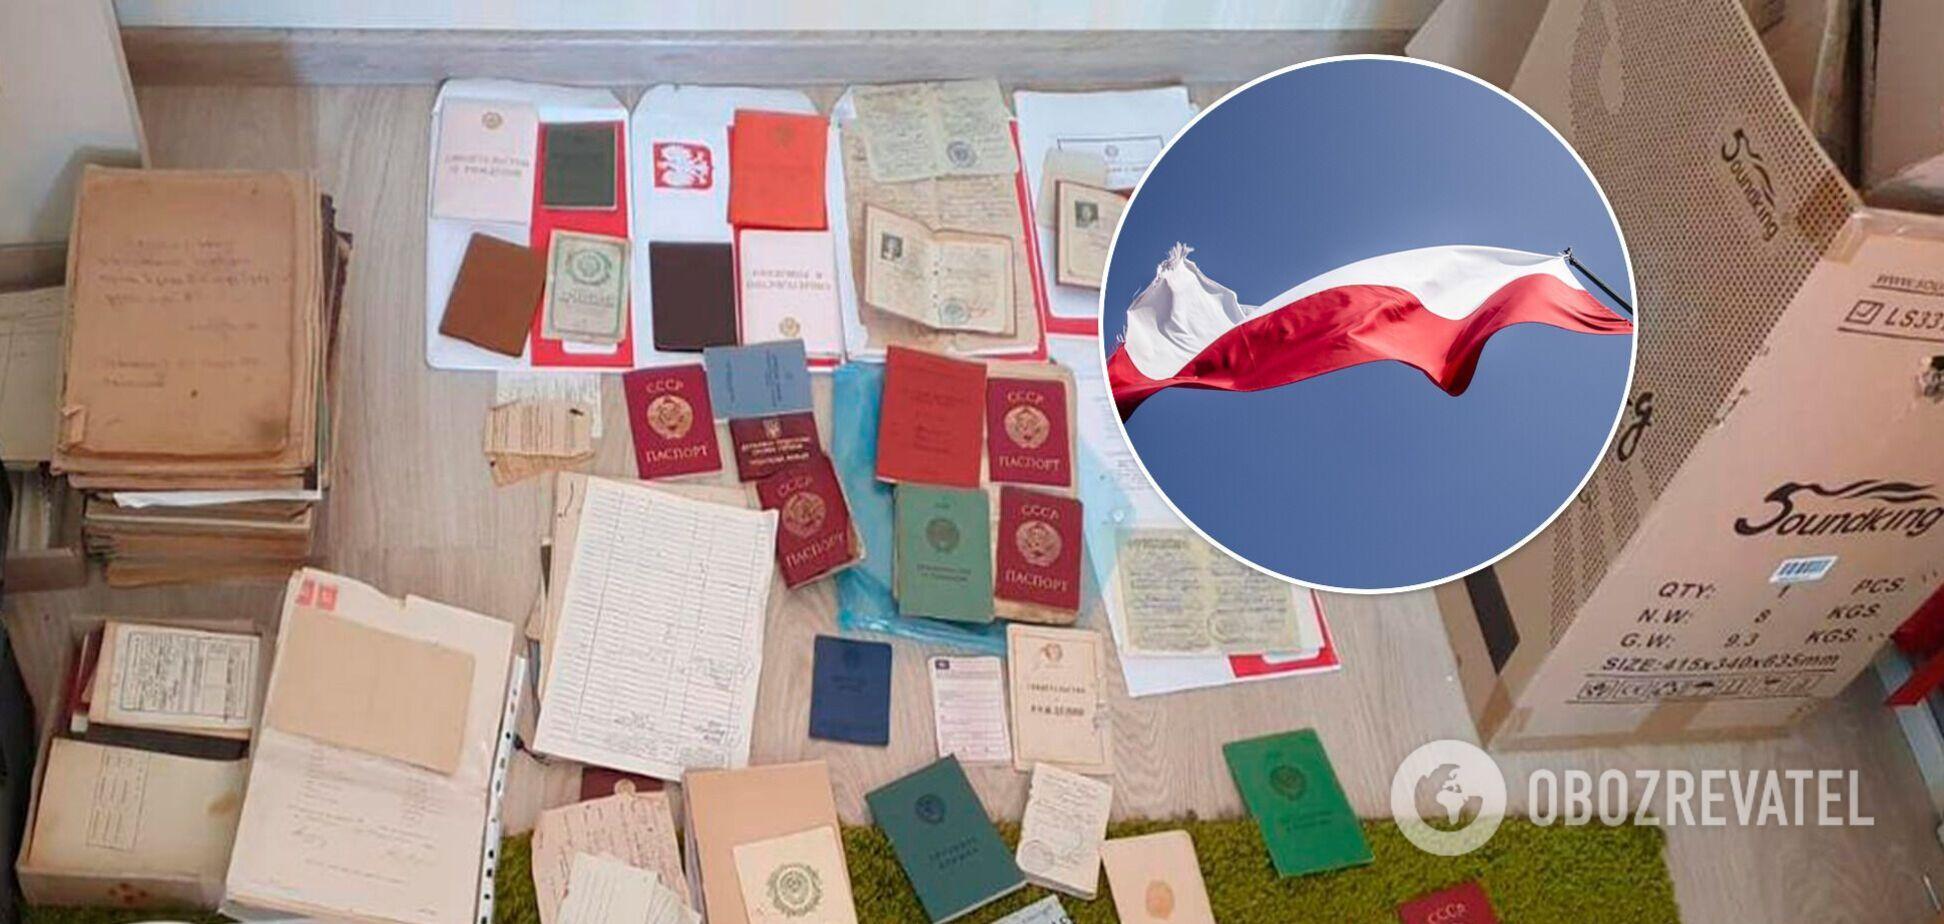 Злоумышленники в Украине продавали поддельные документы для 'Карты поляка'